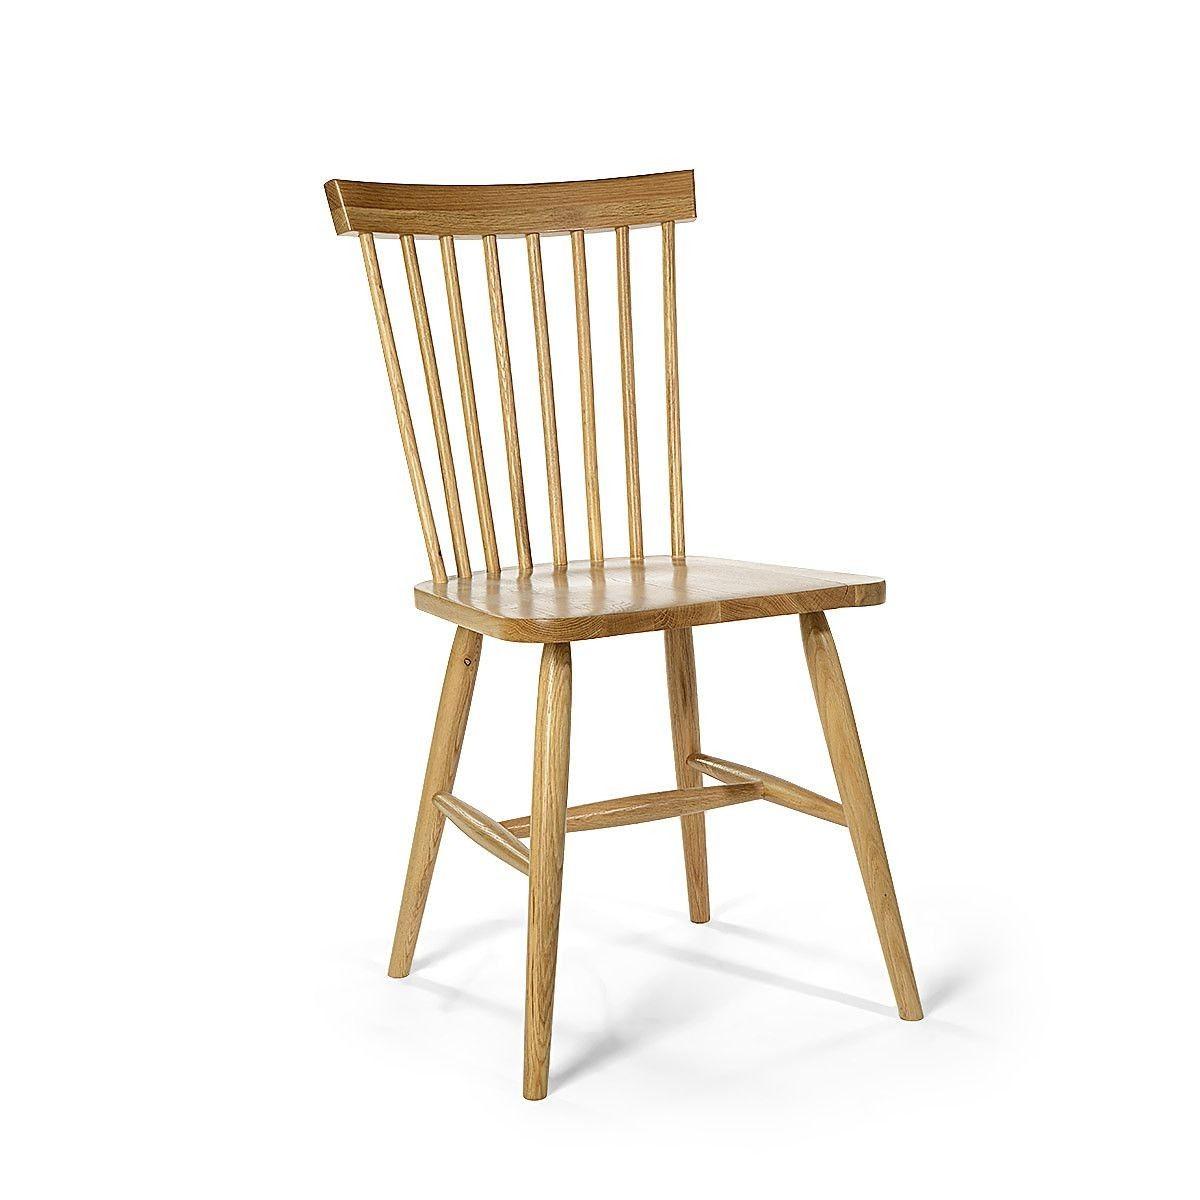 Design Stühle Klassiker stuhl drammen holz nordiches design natur holzstuhl skandinav